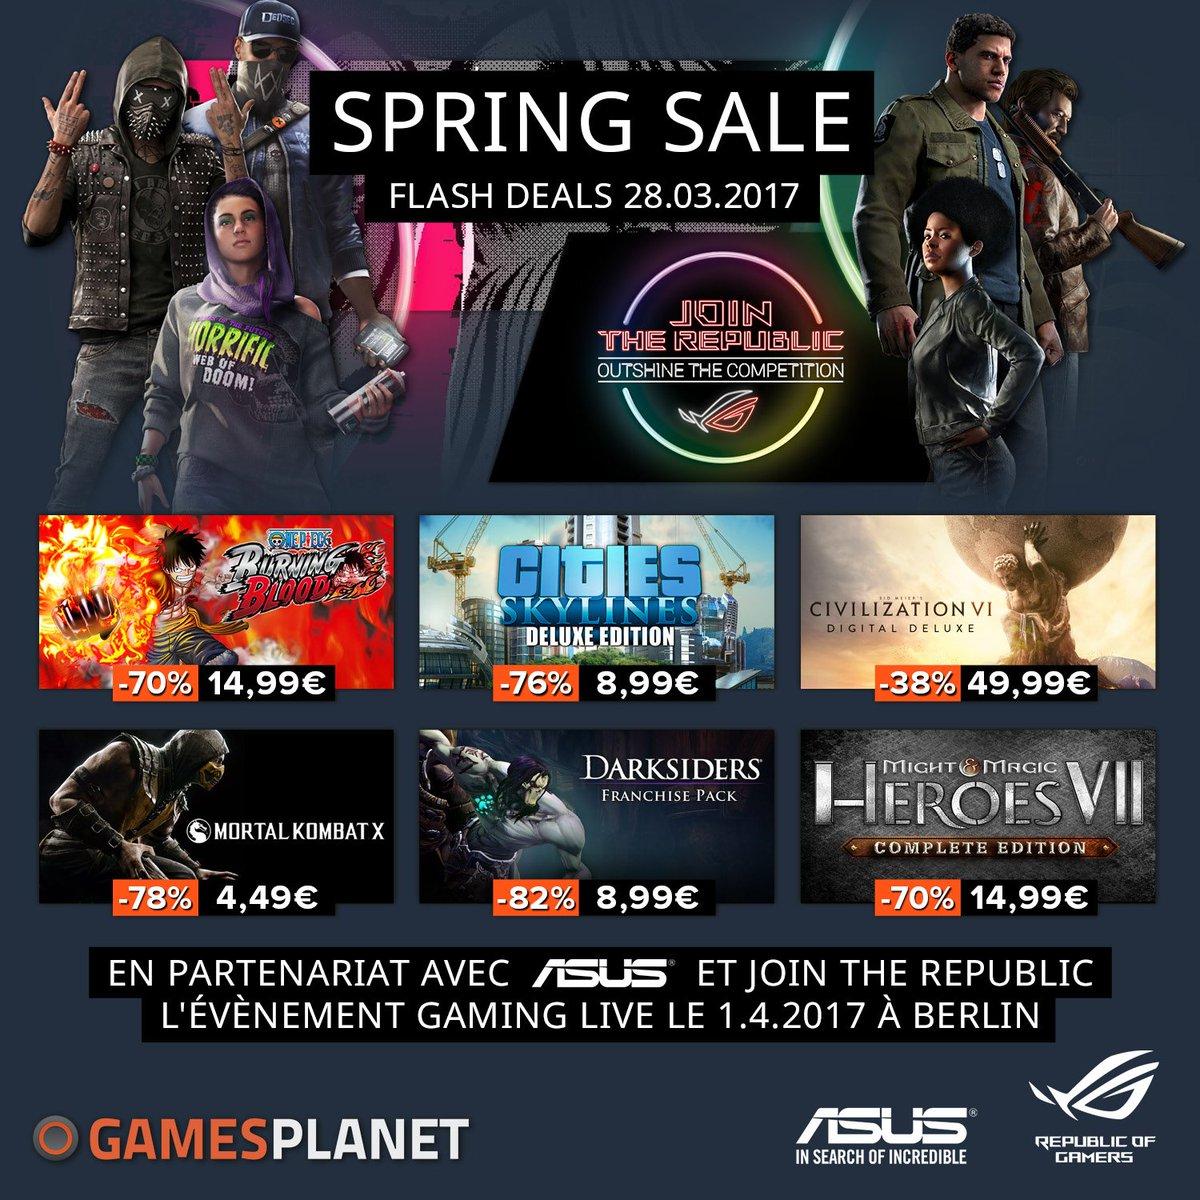 Deuxième jour des #Soldes de #Printemps chez @GamesplanetFR   https:// fr.gamesplanet.com/promo/springsa le?ref=rackboy &nbsp; … <br>http://pic.twitter.com/Epe1yS8nEu